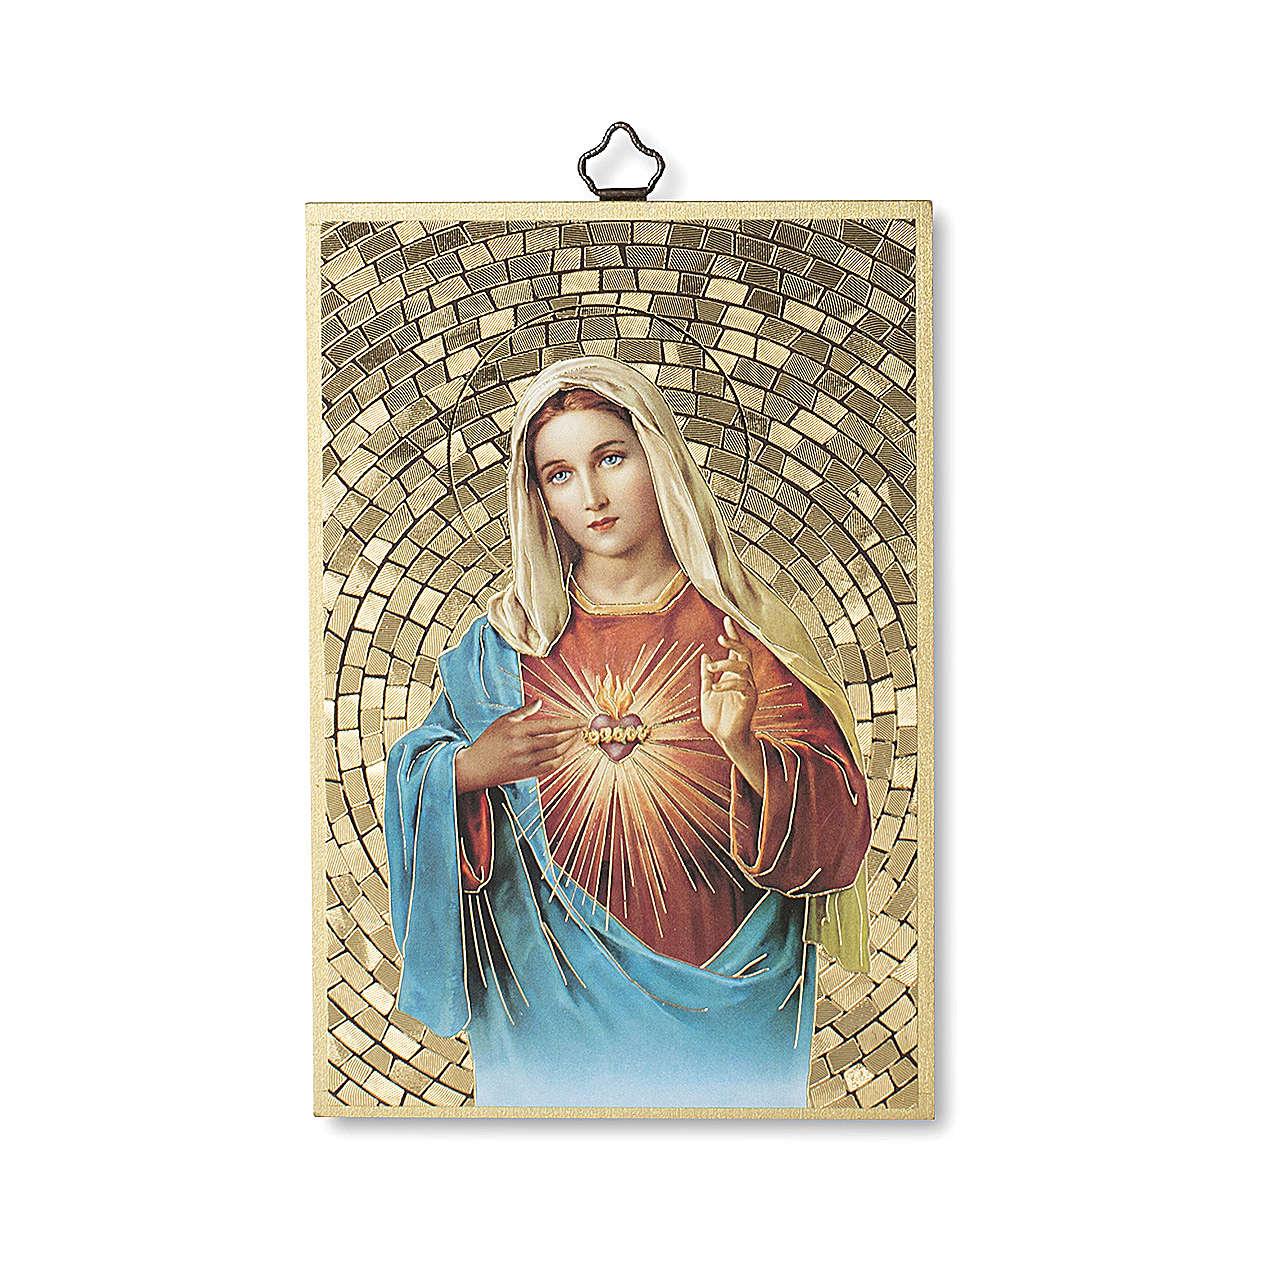 Stampa su legno Cuore Immacolato di Maria 3